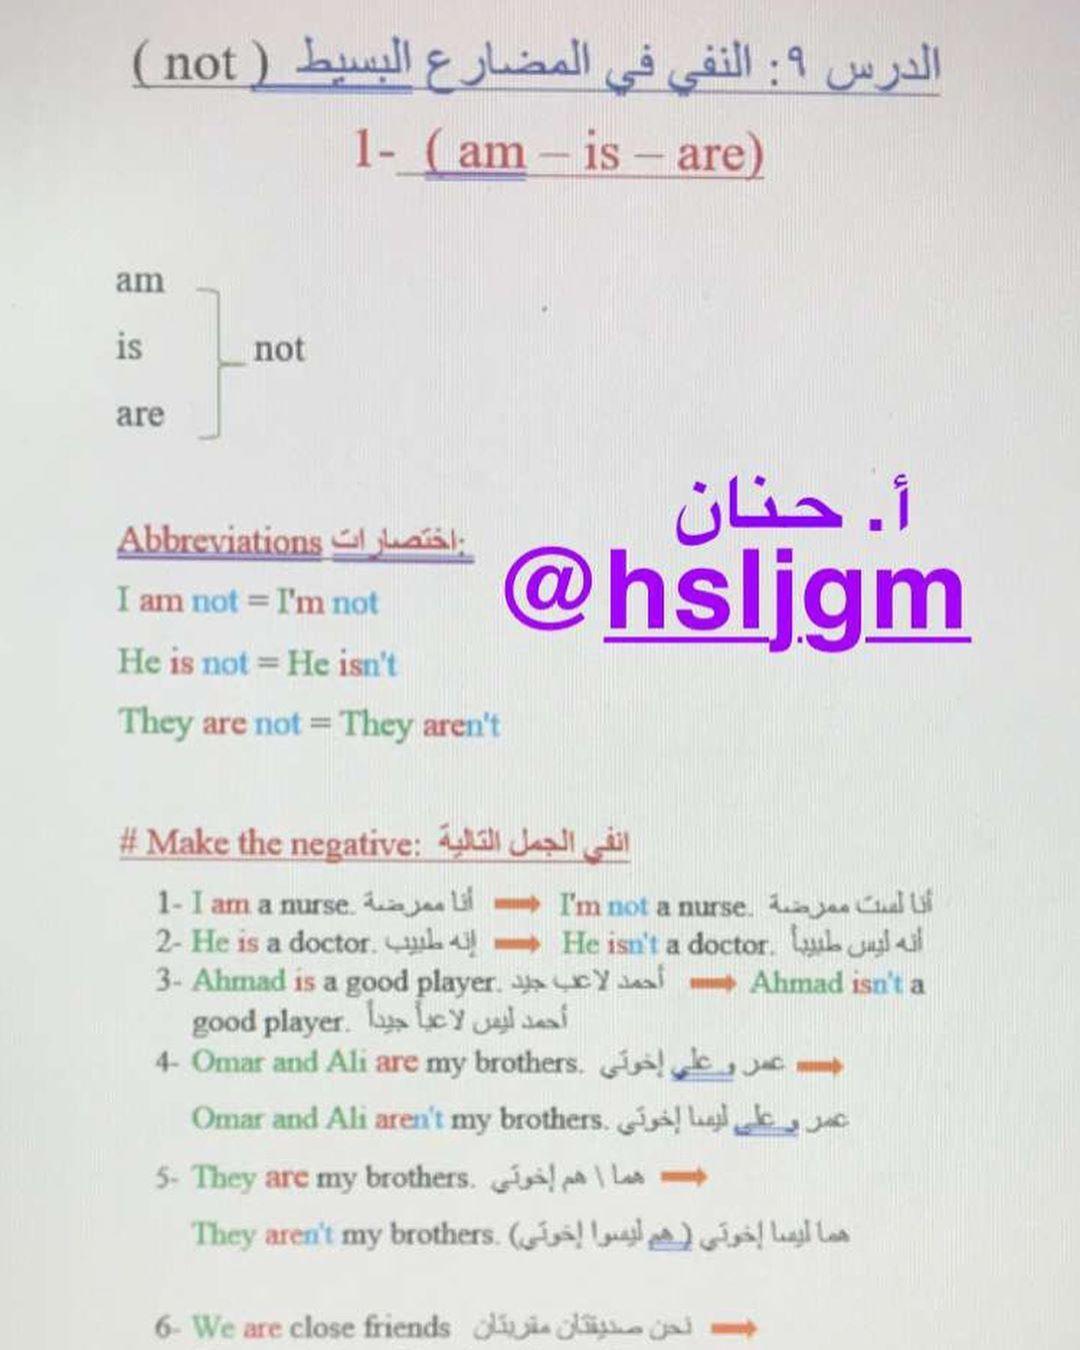 الان على السناب Hsljgm تكملة قاعدة المضارع البسيط الجزء الاول Simple Present Tense Engl Language Teaching English Language Teaching English Grammar